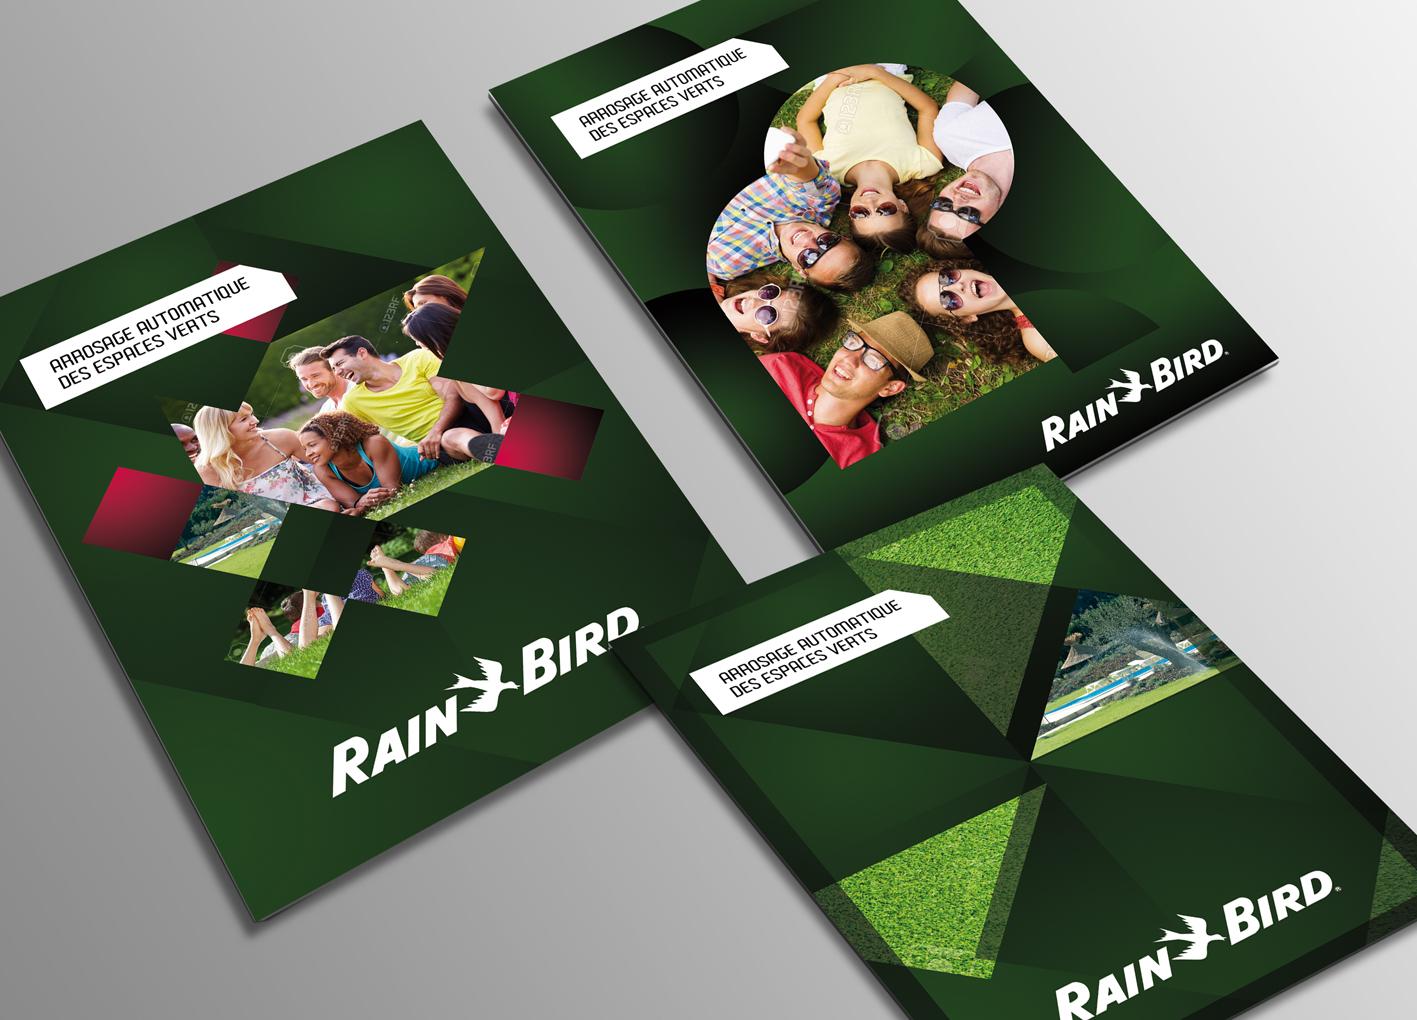 RAINBIRD couv cata 2020 - Accueil